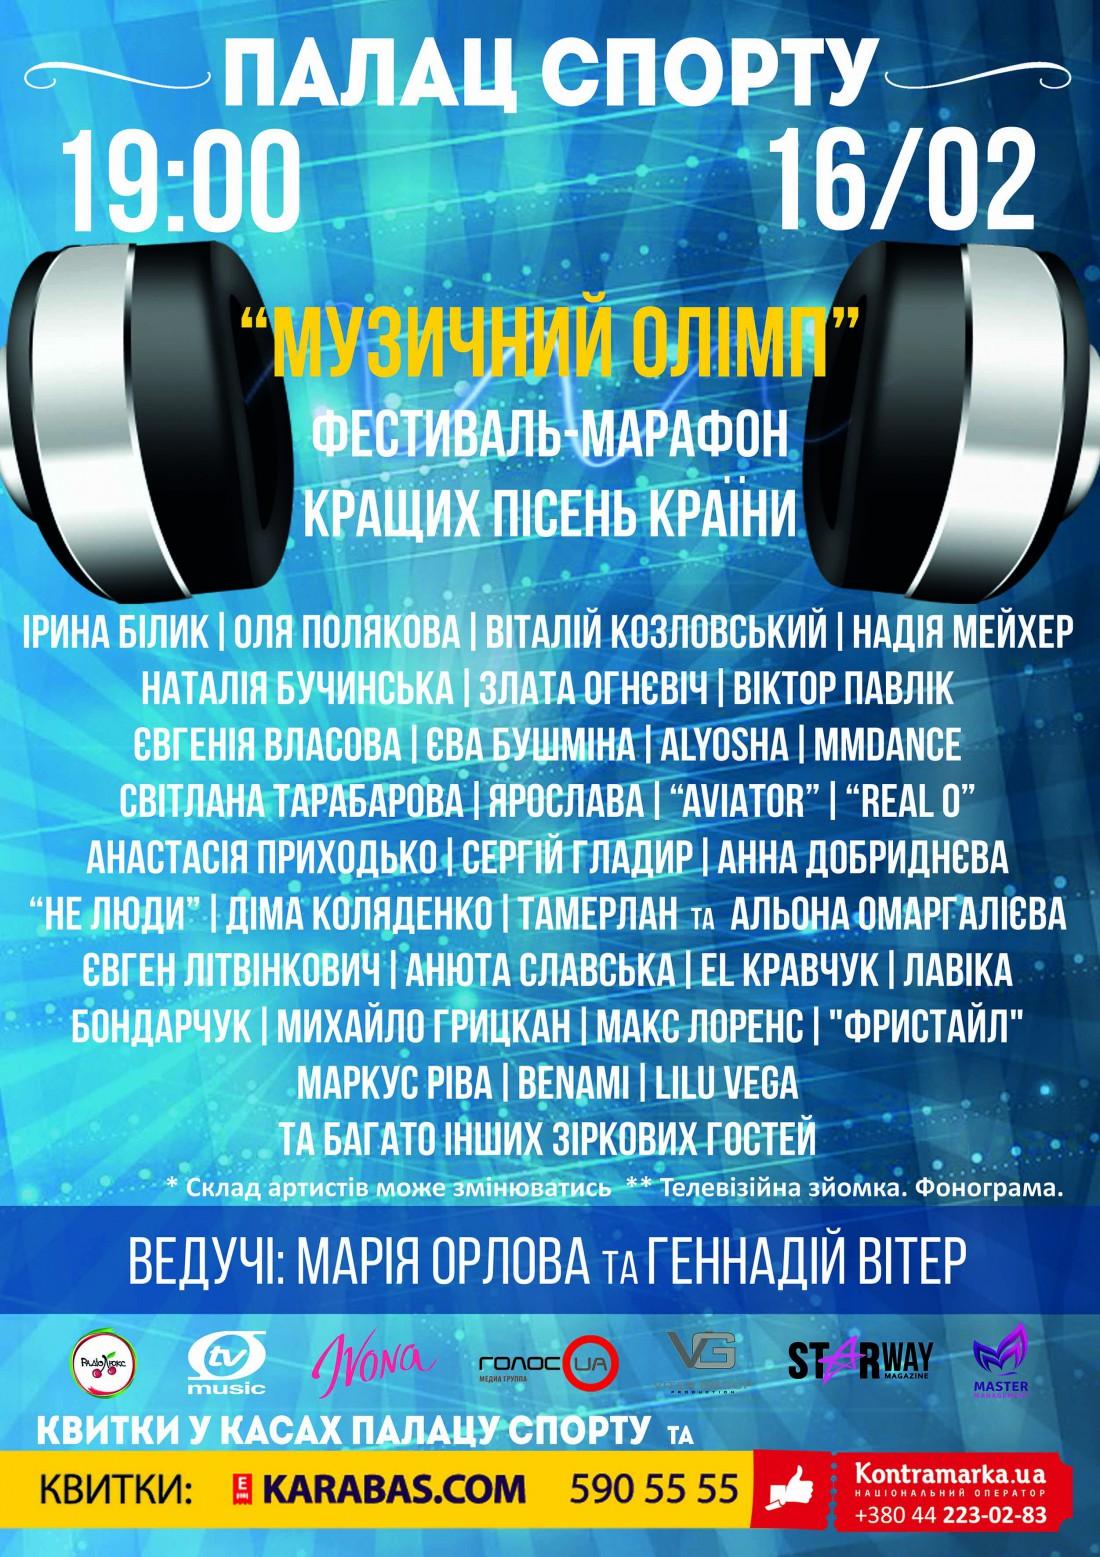 В Киеве состоится фестиваль-марафон